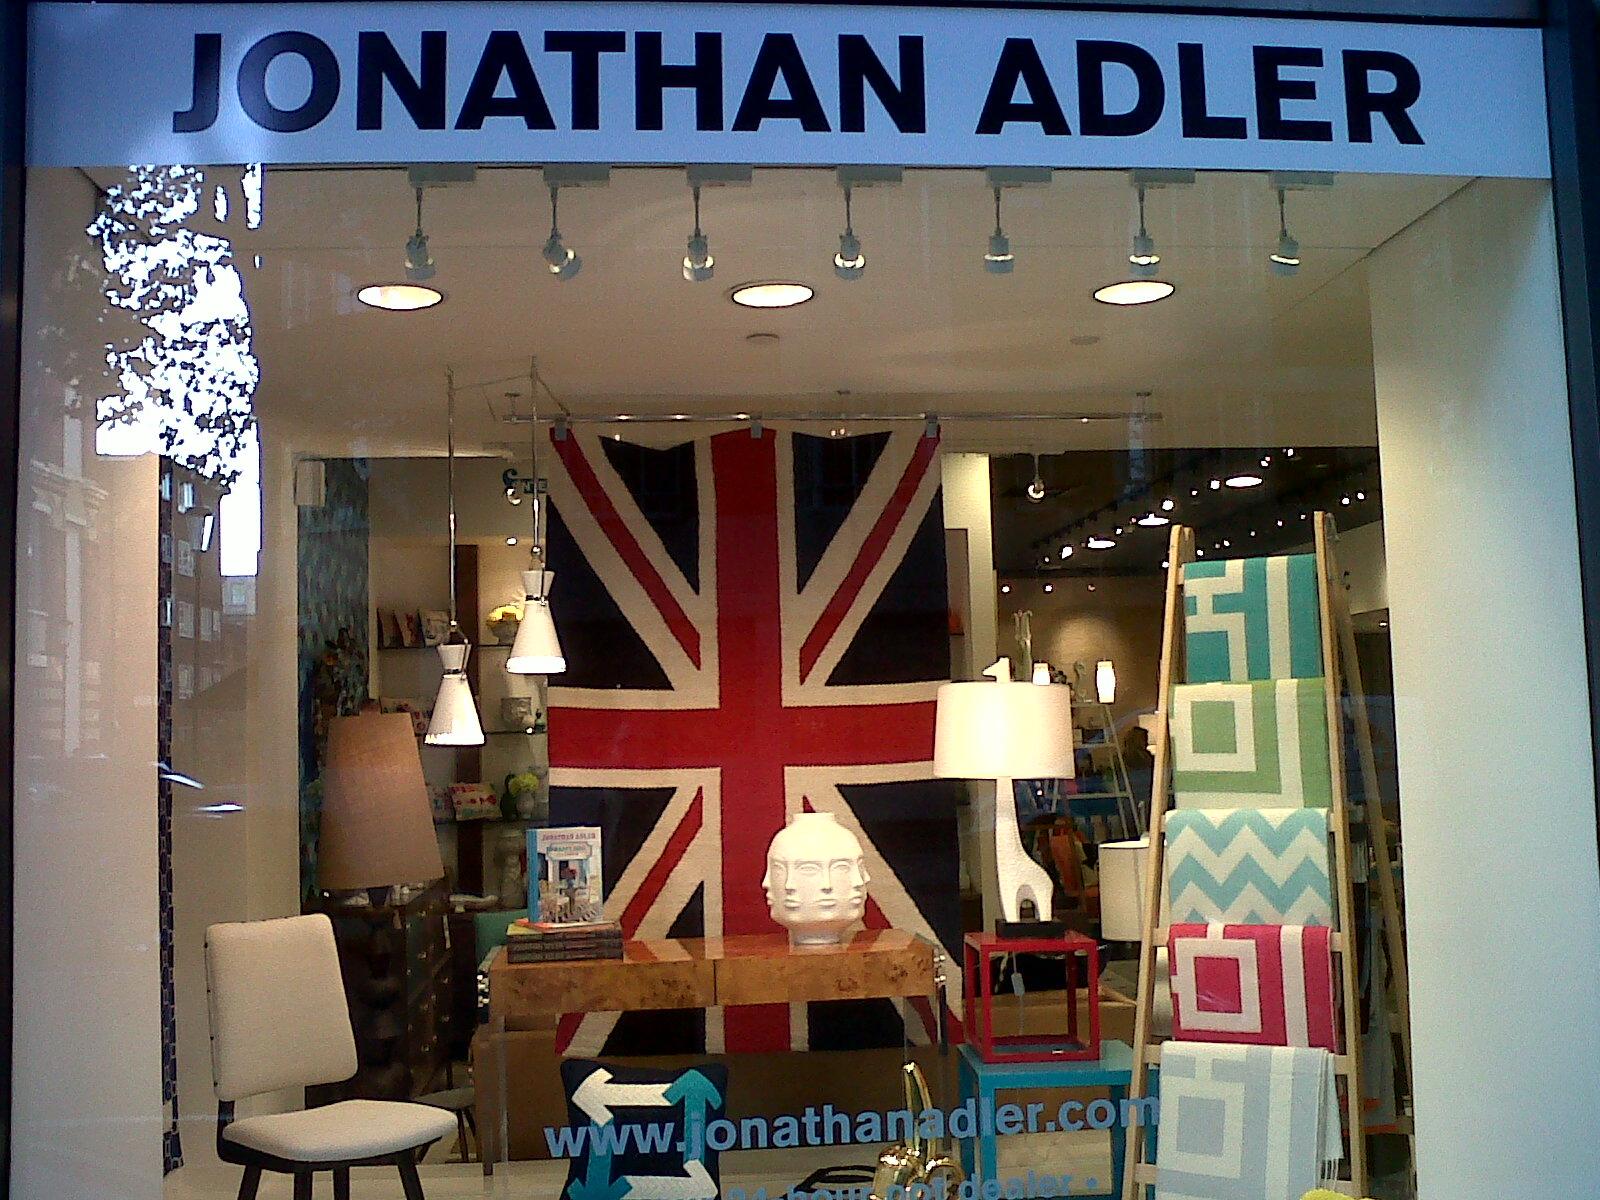 Jonathan Adler Arrives In London